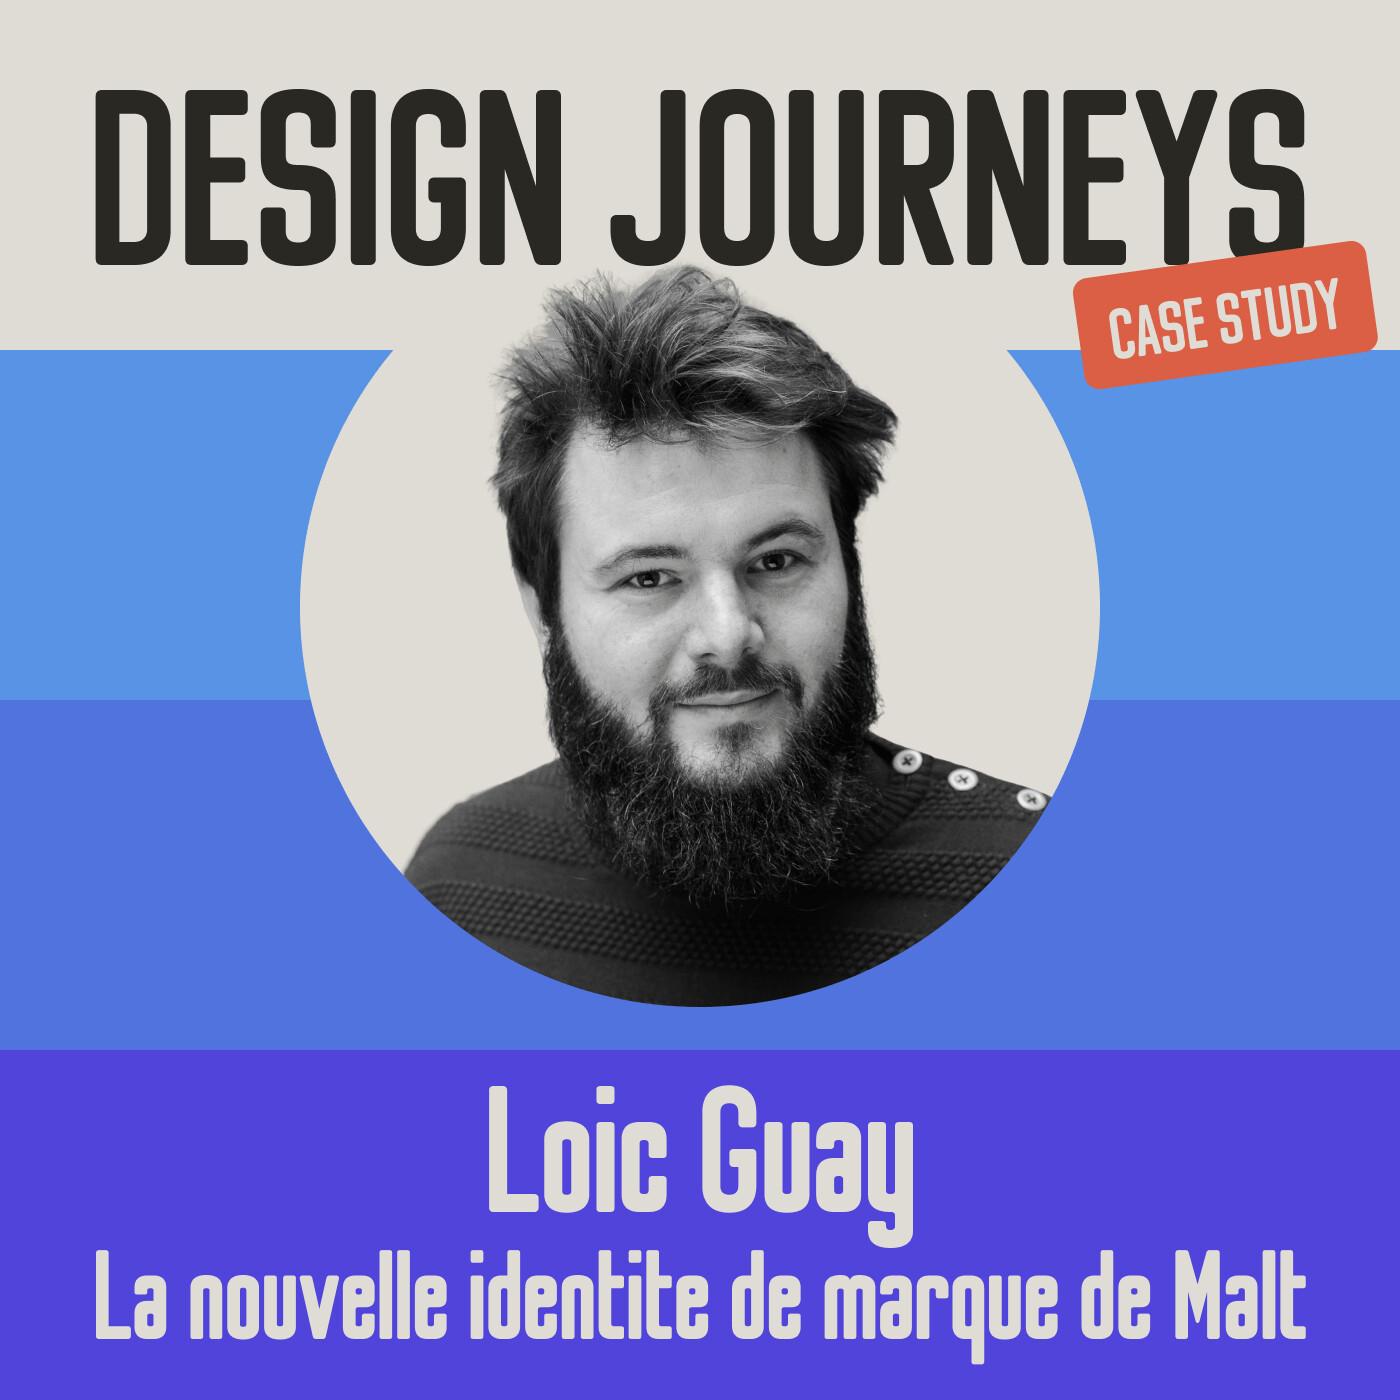 Case Study #1 Loïc Guay - La nouvelle identité de marque de Malt